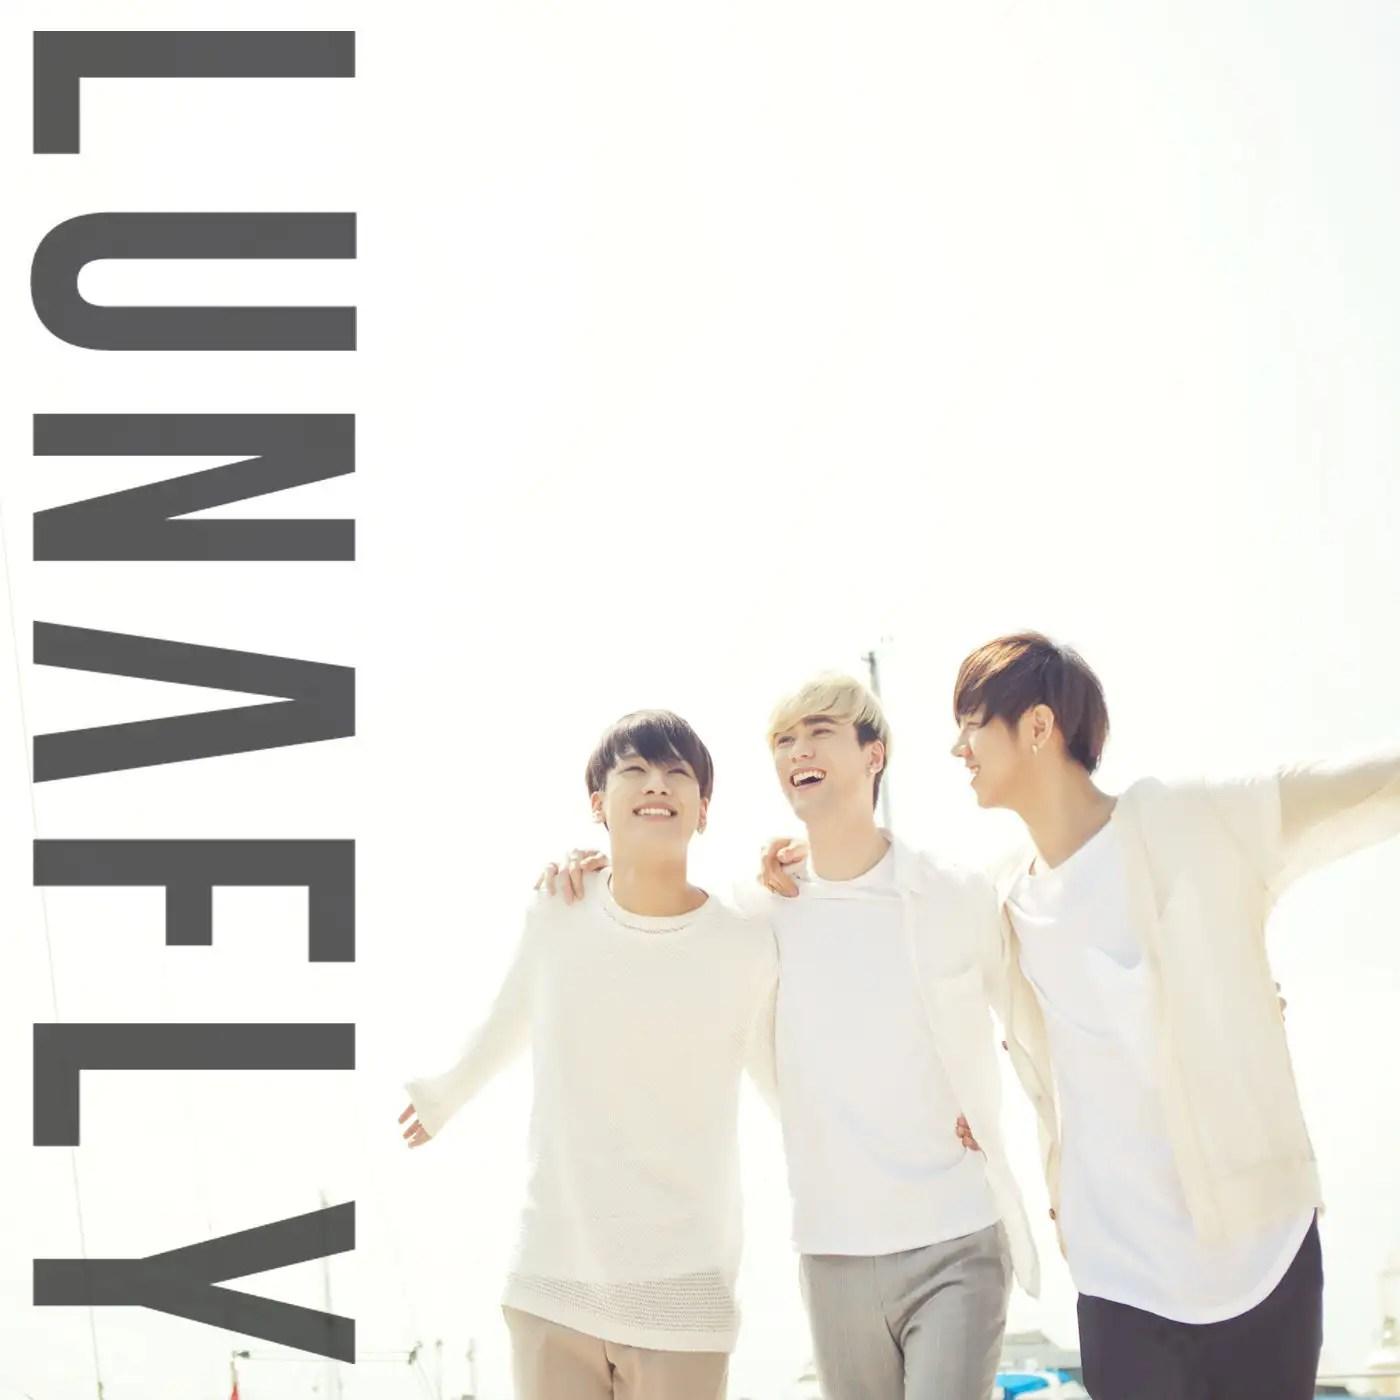 [Single] Lunafly - YEOWOOYA